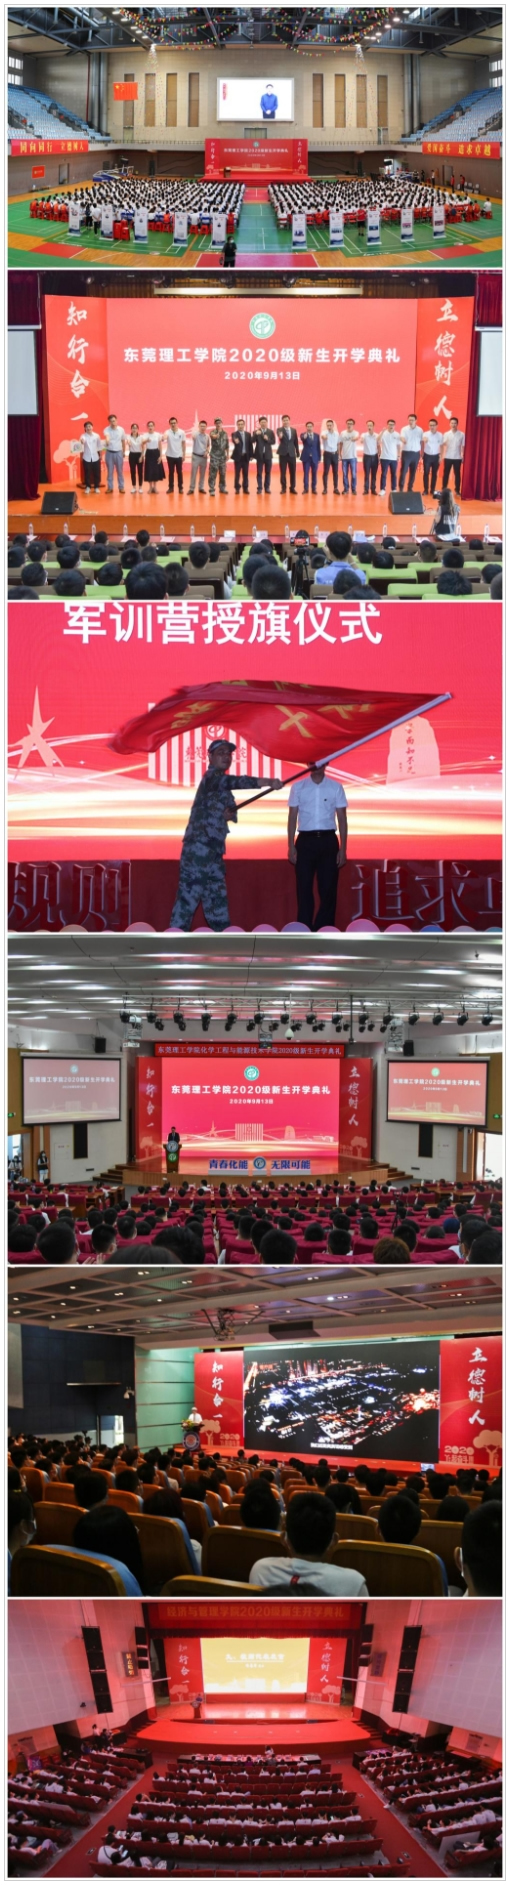 东莞理工学院2020级新生开学典礼隆重举行